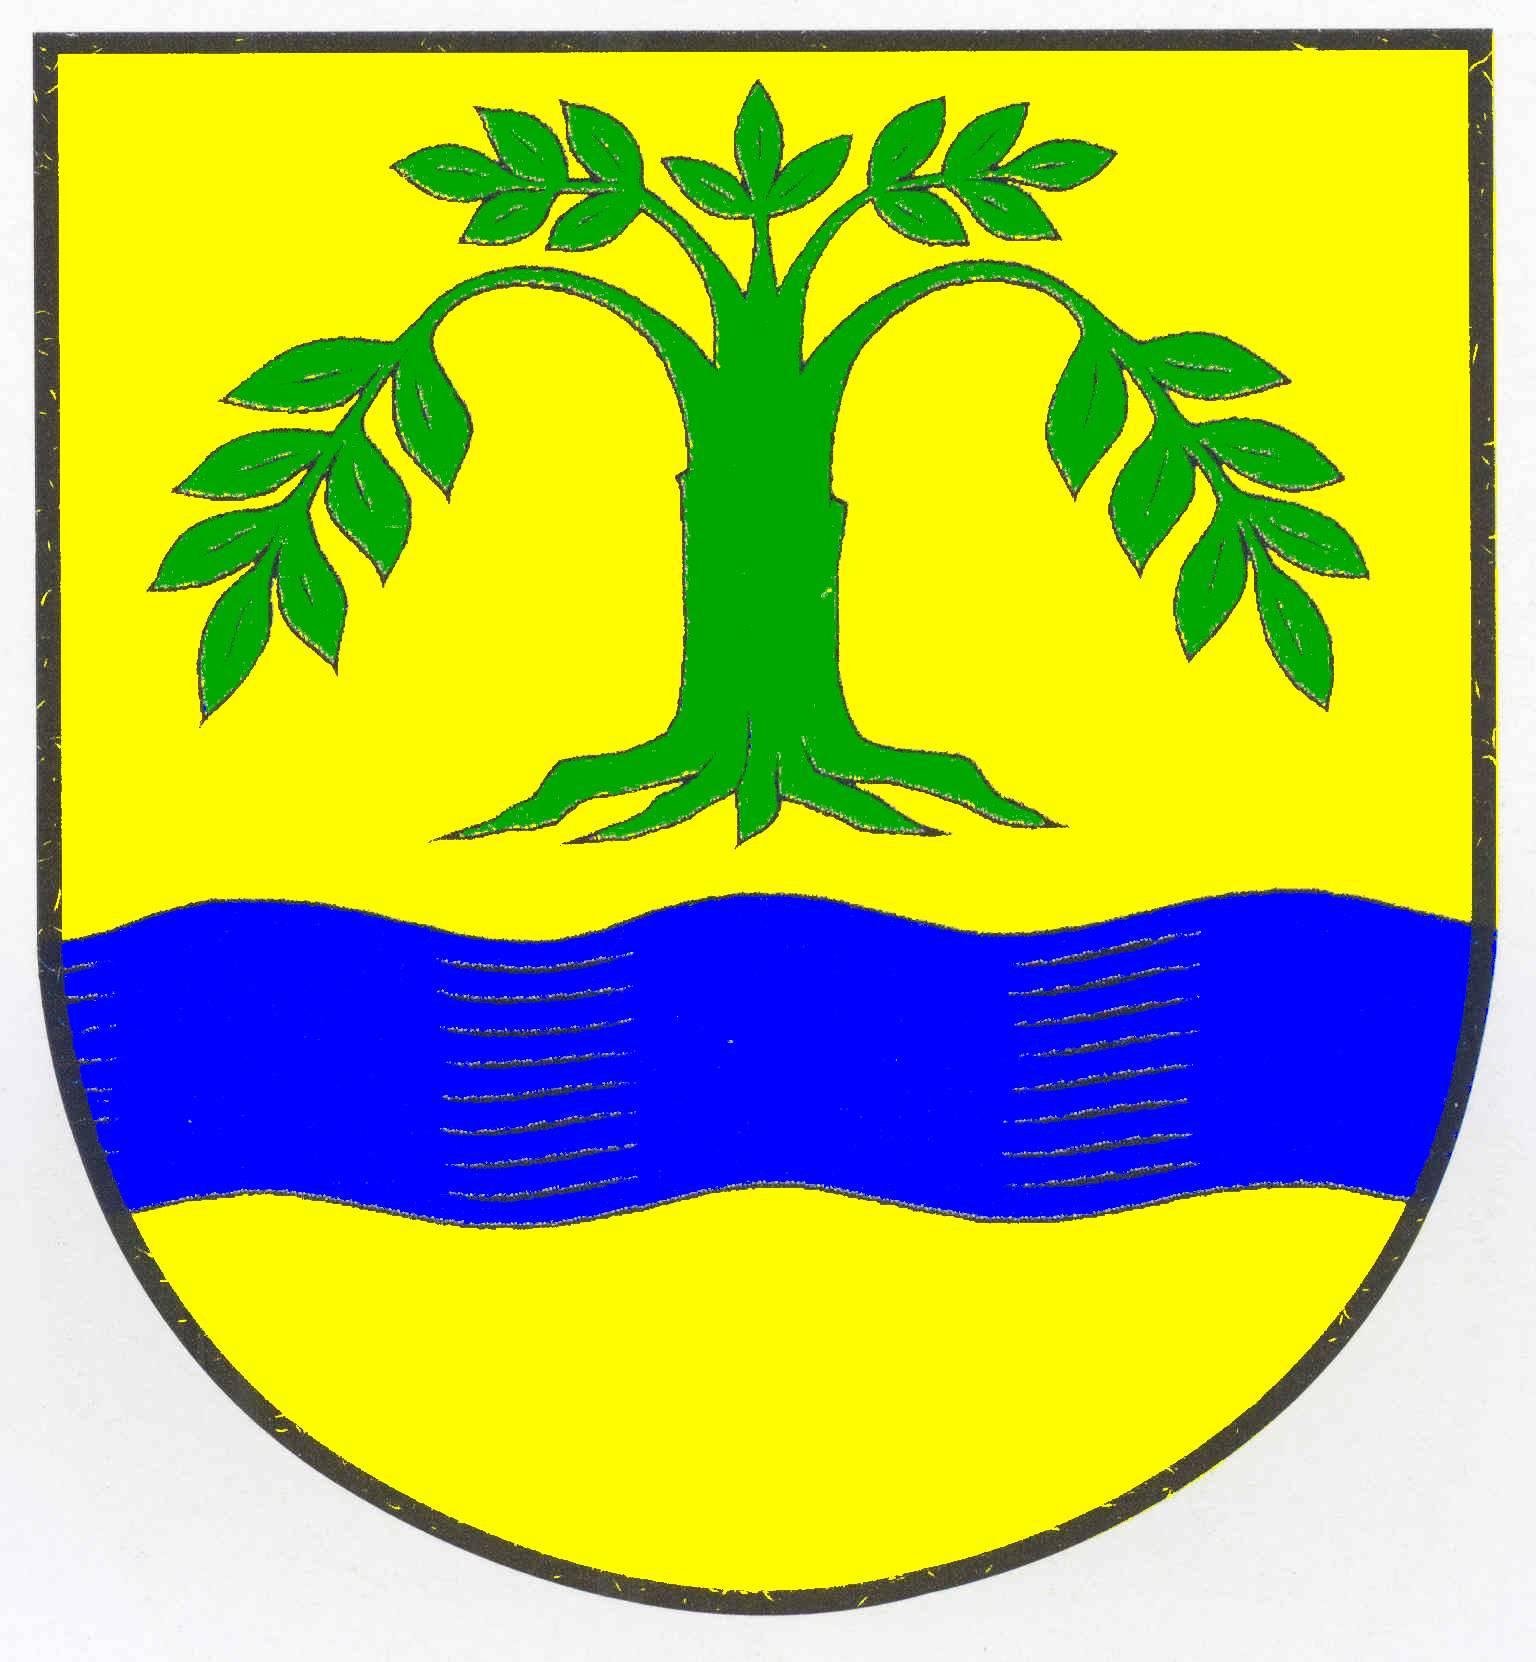 Wappen GemeindeGrube, Kreis Ostholstein